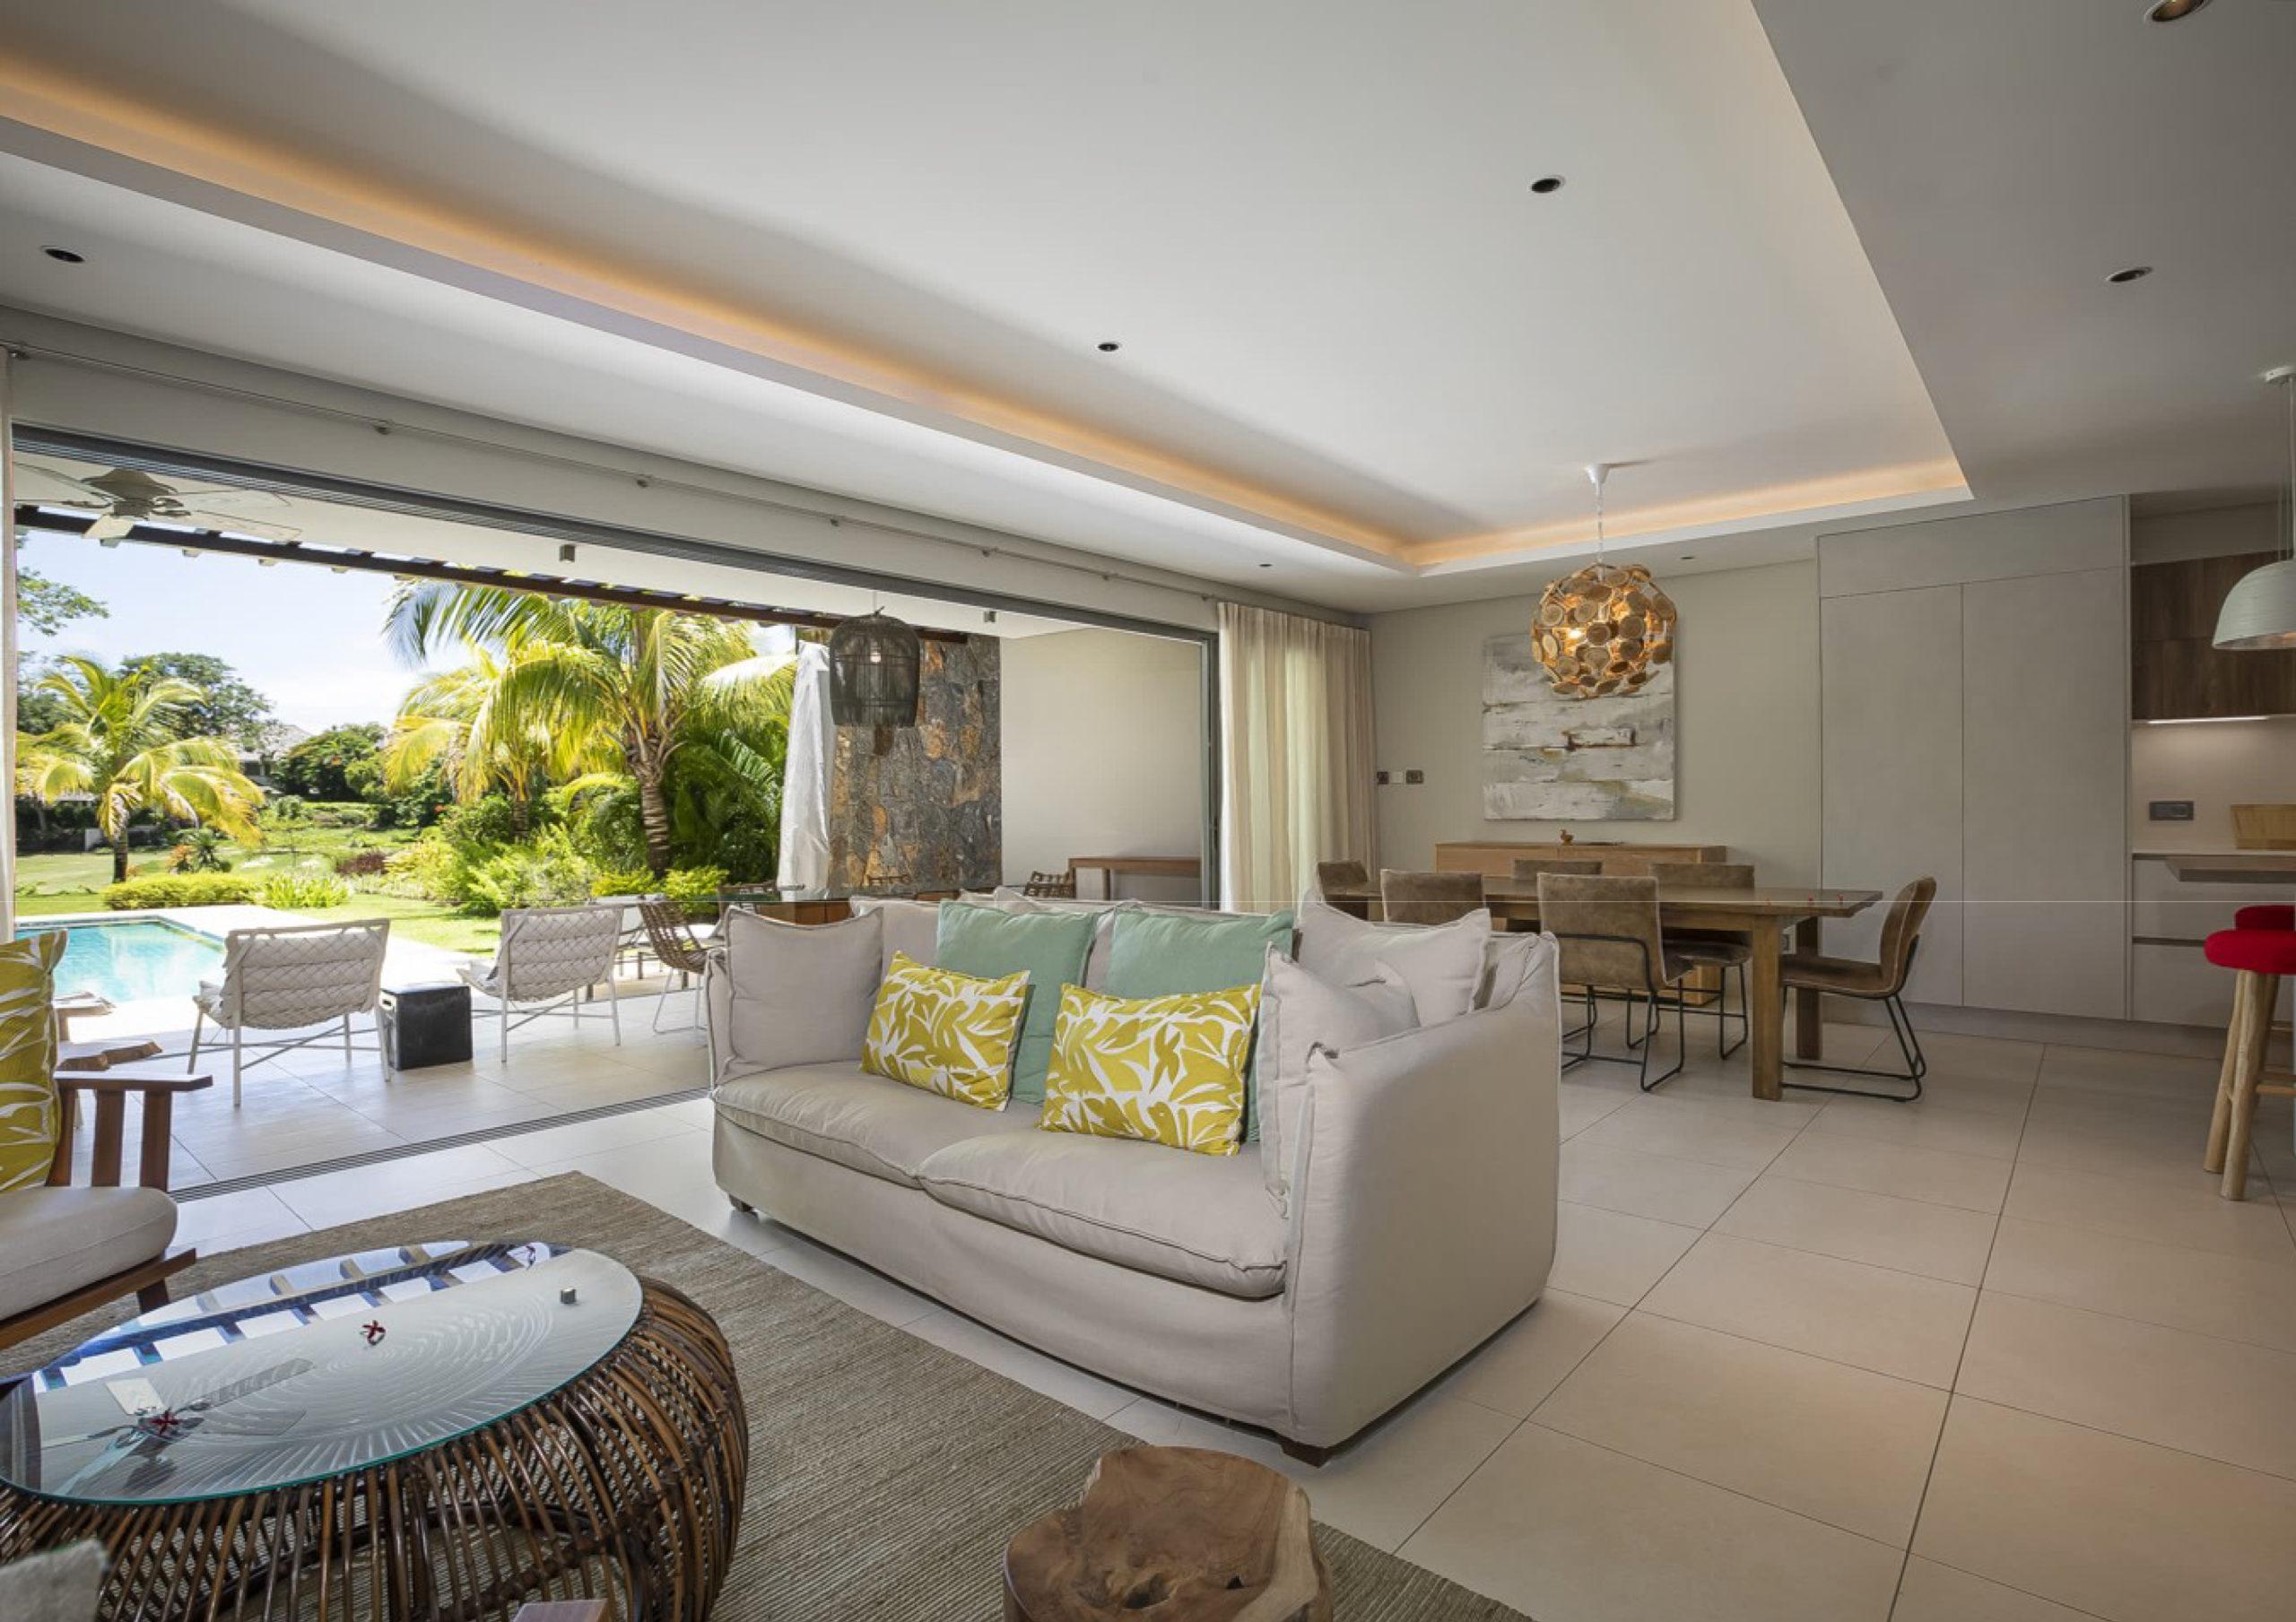 Villa accessible aux étrangers - Beau Champ - Villa jumelée IRS 3 chambres